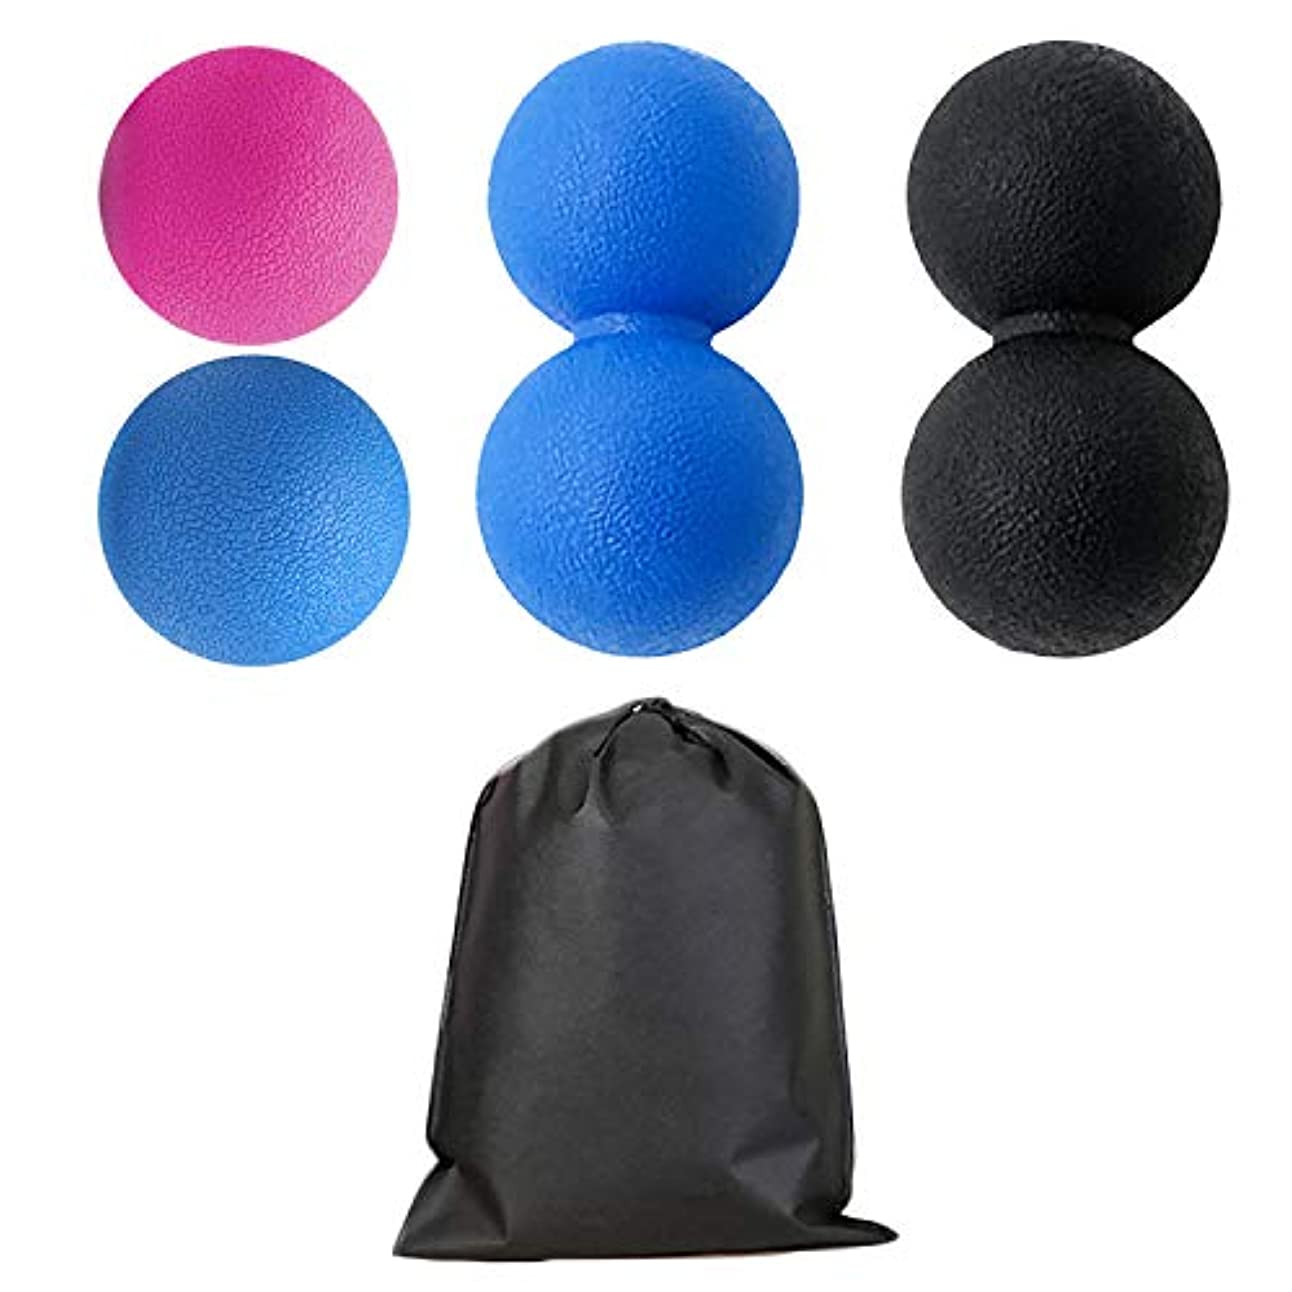 請求可能下手聖人Migavan 2本マッサージボールローラーバックマッサージボール収納袋が付いている別の様式のマッサージのローラーボールのマッサージャー